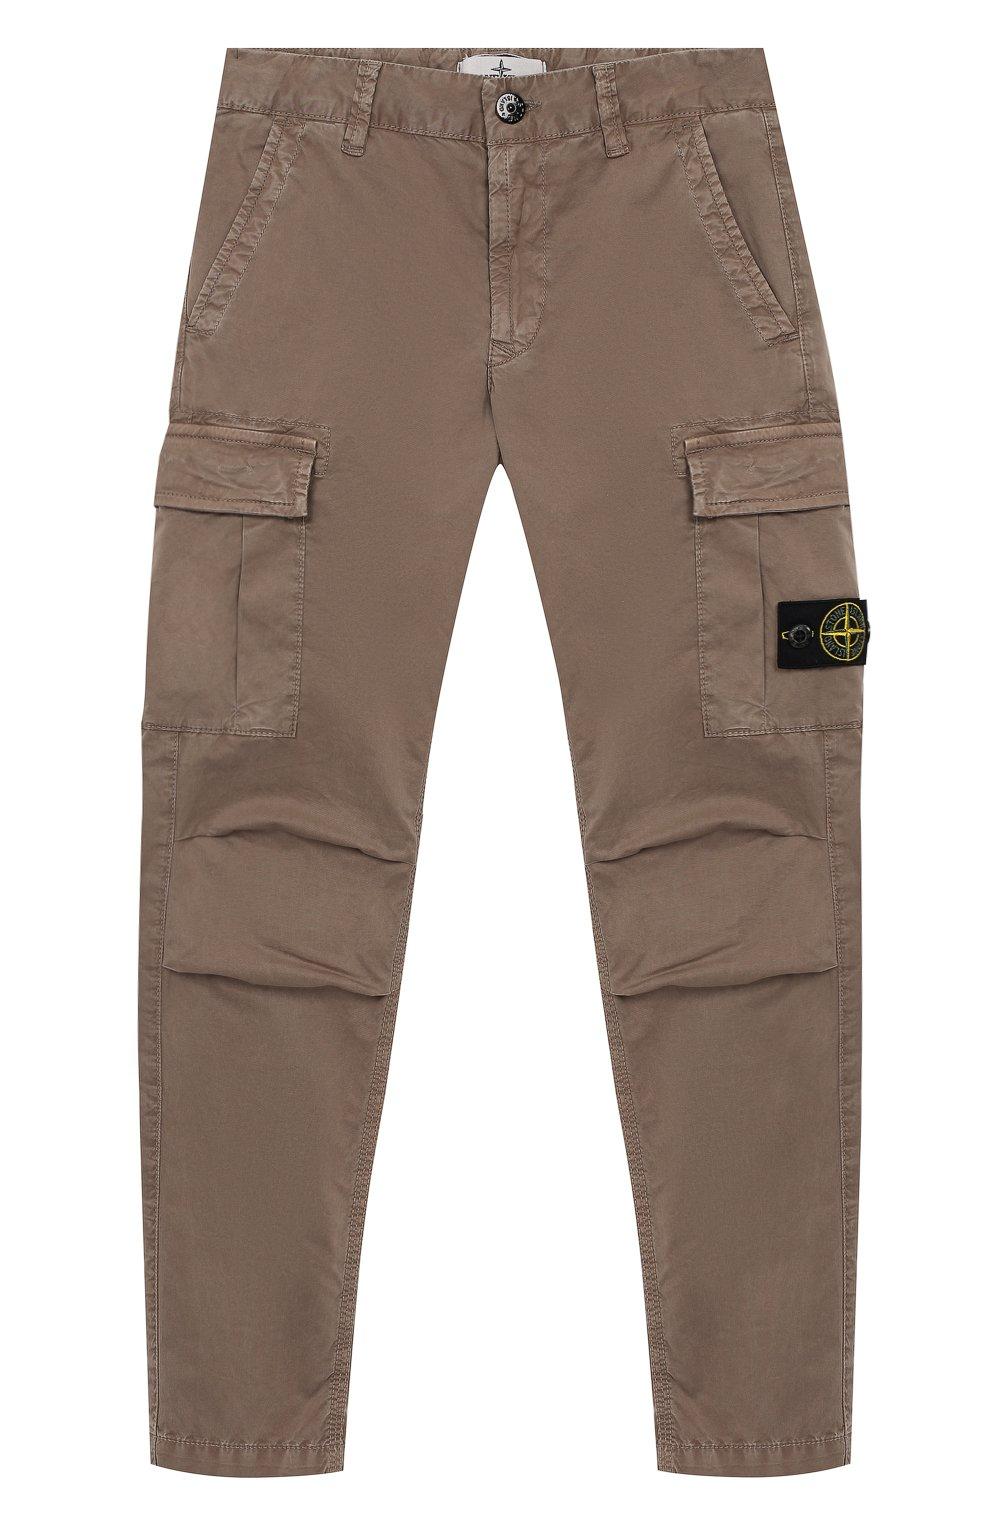 43f0de979ca Детские брюки карго из хлопка STONE ISLAND бежевого цвета — купить ...